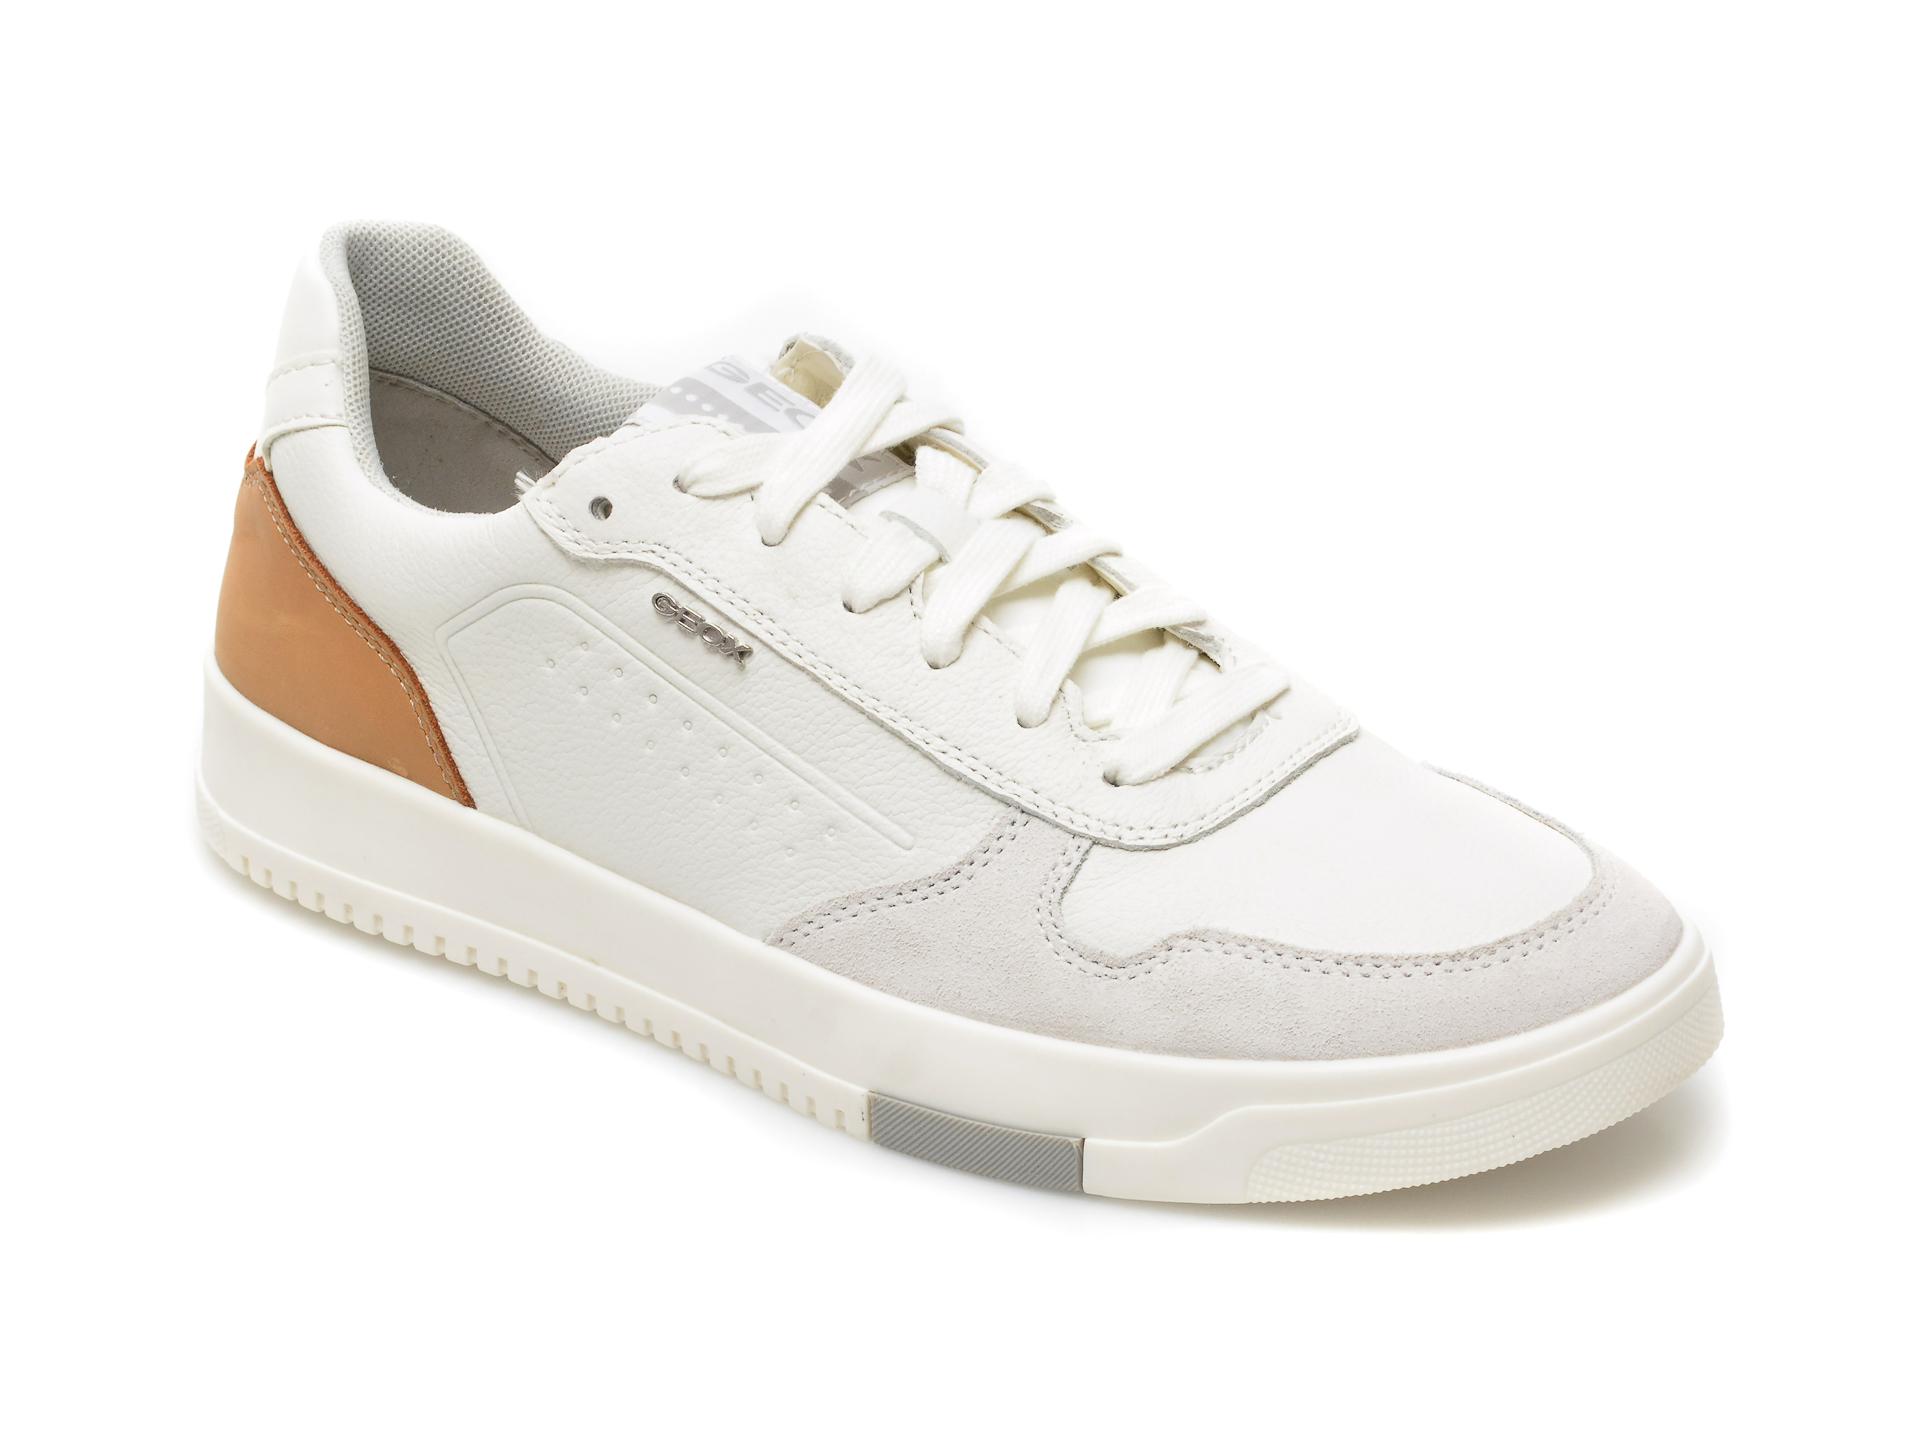 Pantofi sport GEOX albi, U15AGB, din piele naturala imagine